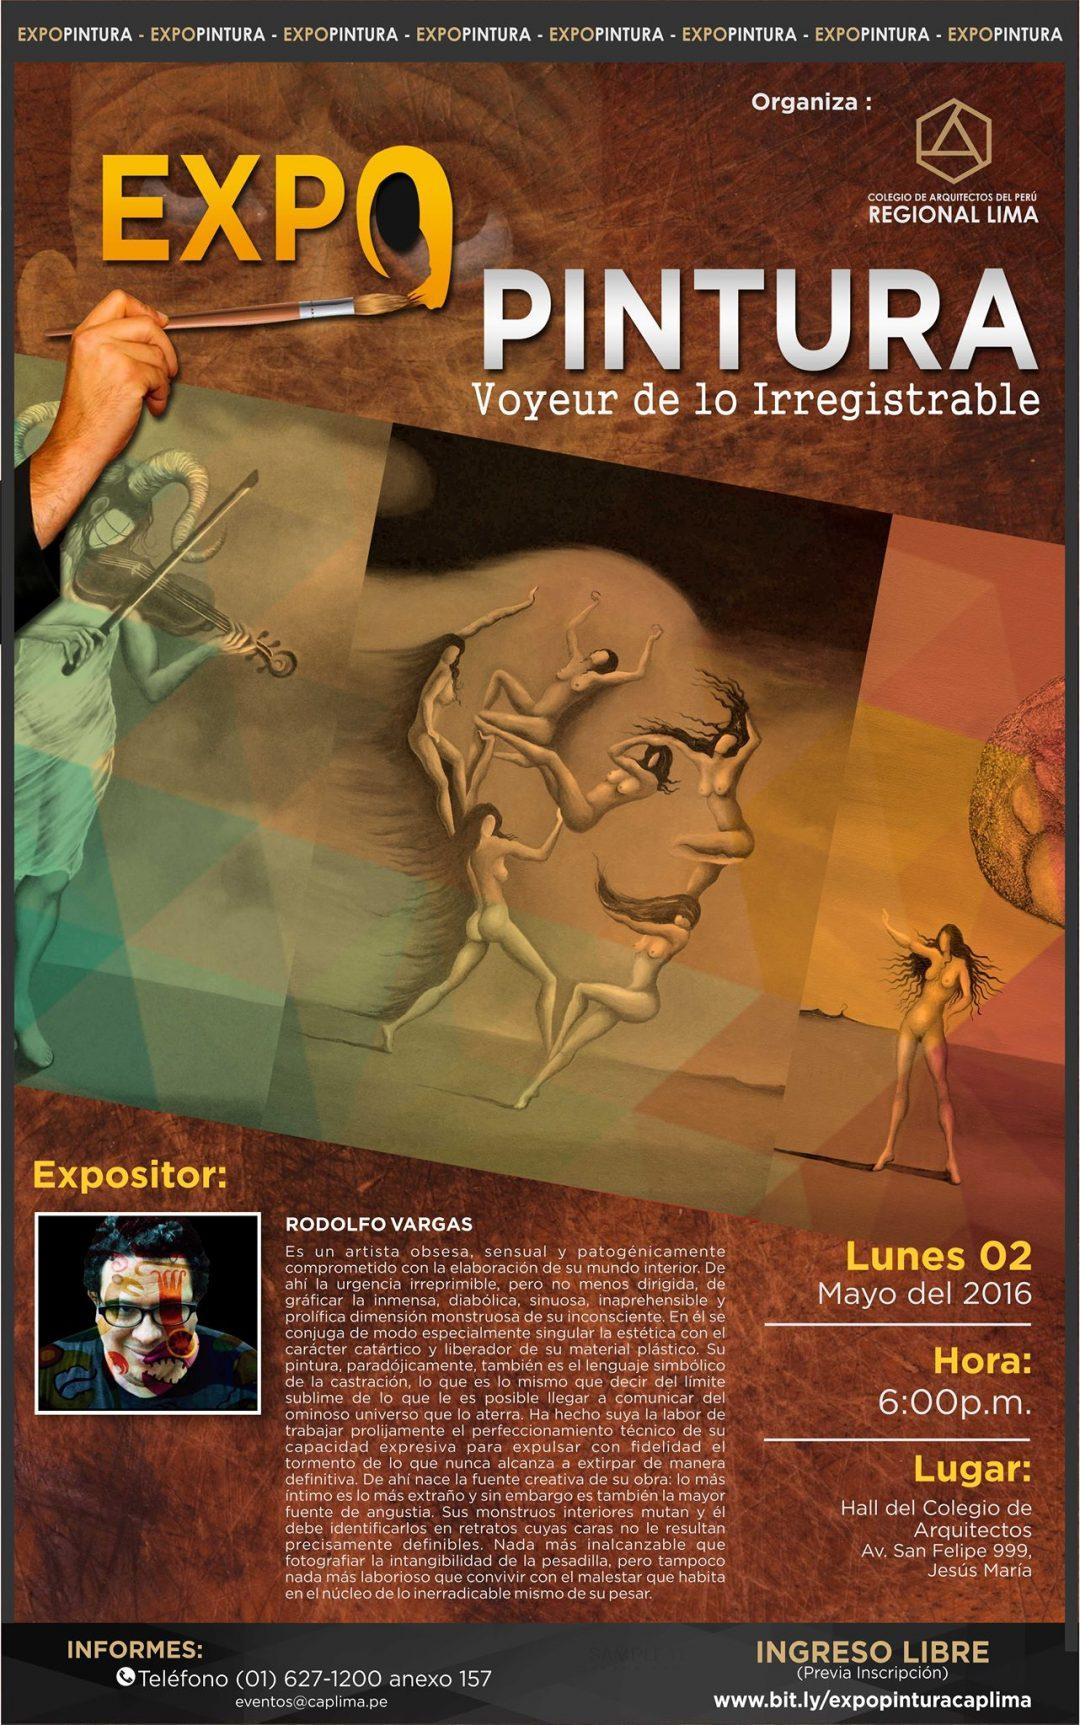 Expo Pintura